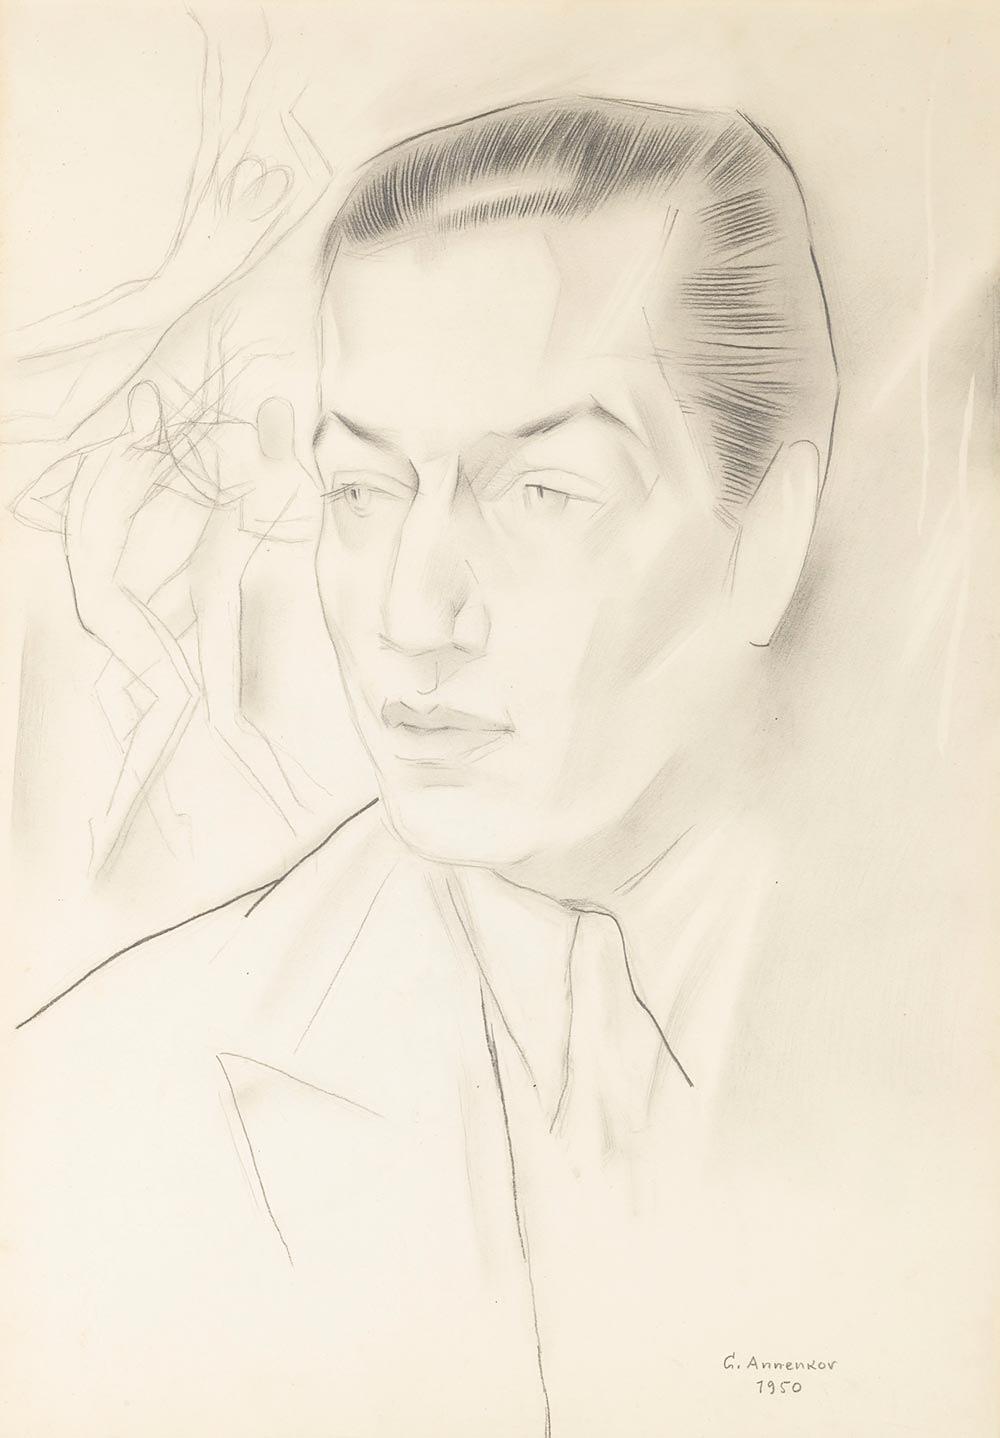 Портрет Сержа Лифаря - Анненков Ю. П. -- Артпоиск - русские художники